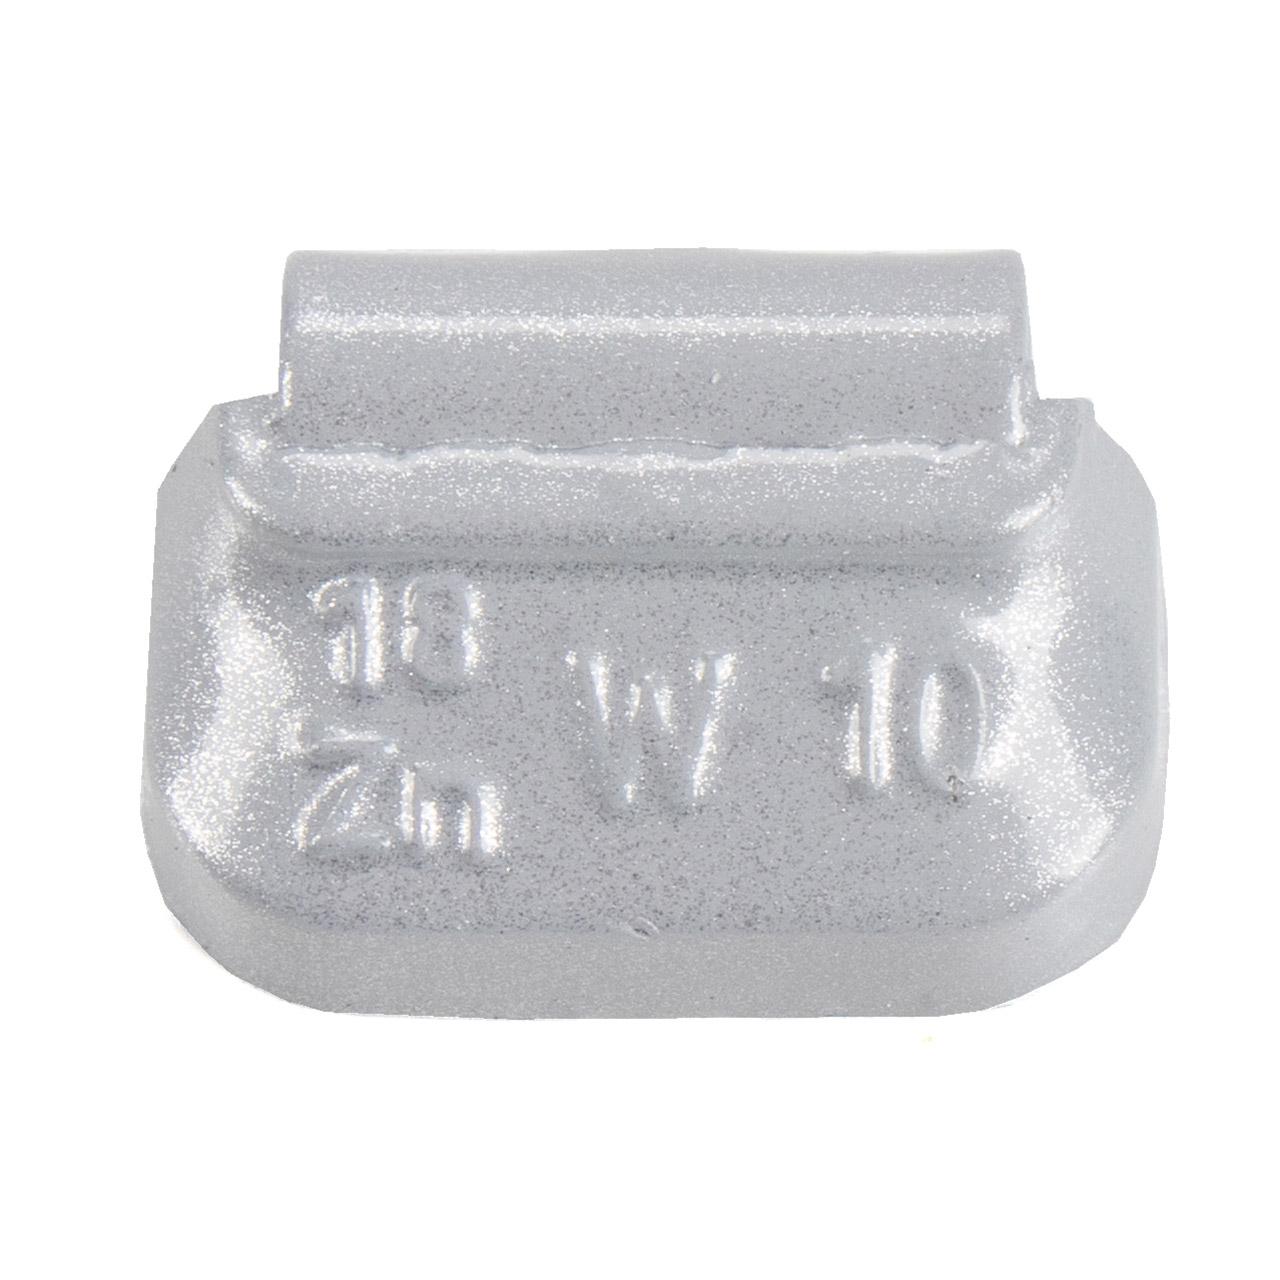 3x 100 Stück 5/10/15g GEMATIC Auswuchtgewicht Schlaggewicht Stahlfelge GRAU-ZINK + Zange